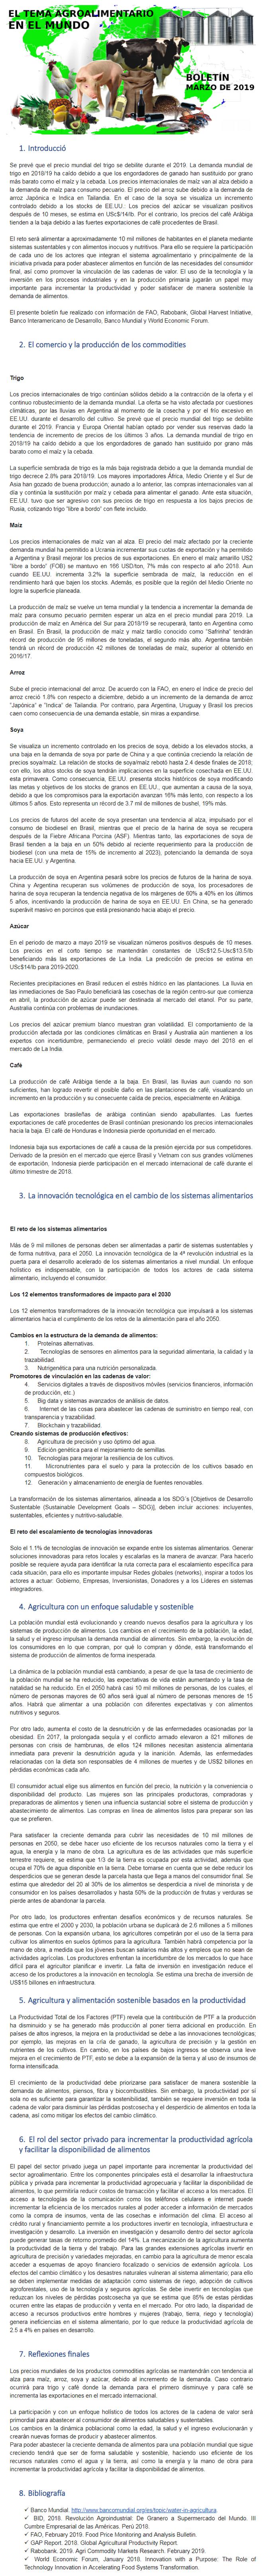 BOLETÍN: EL TEMA AGROALIMENTARIO EN EL MUNDO, MARZO DE 2019